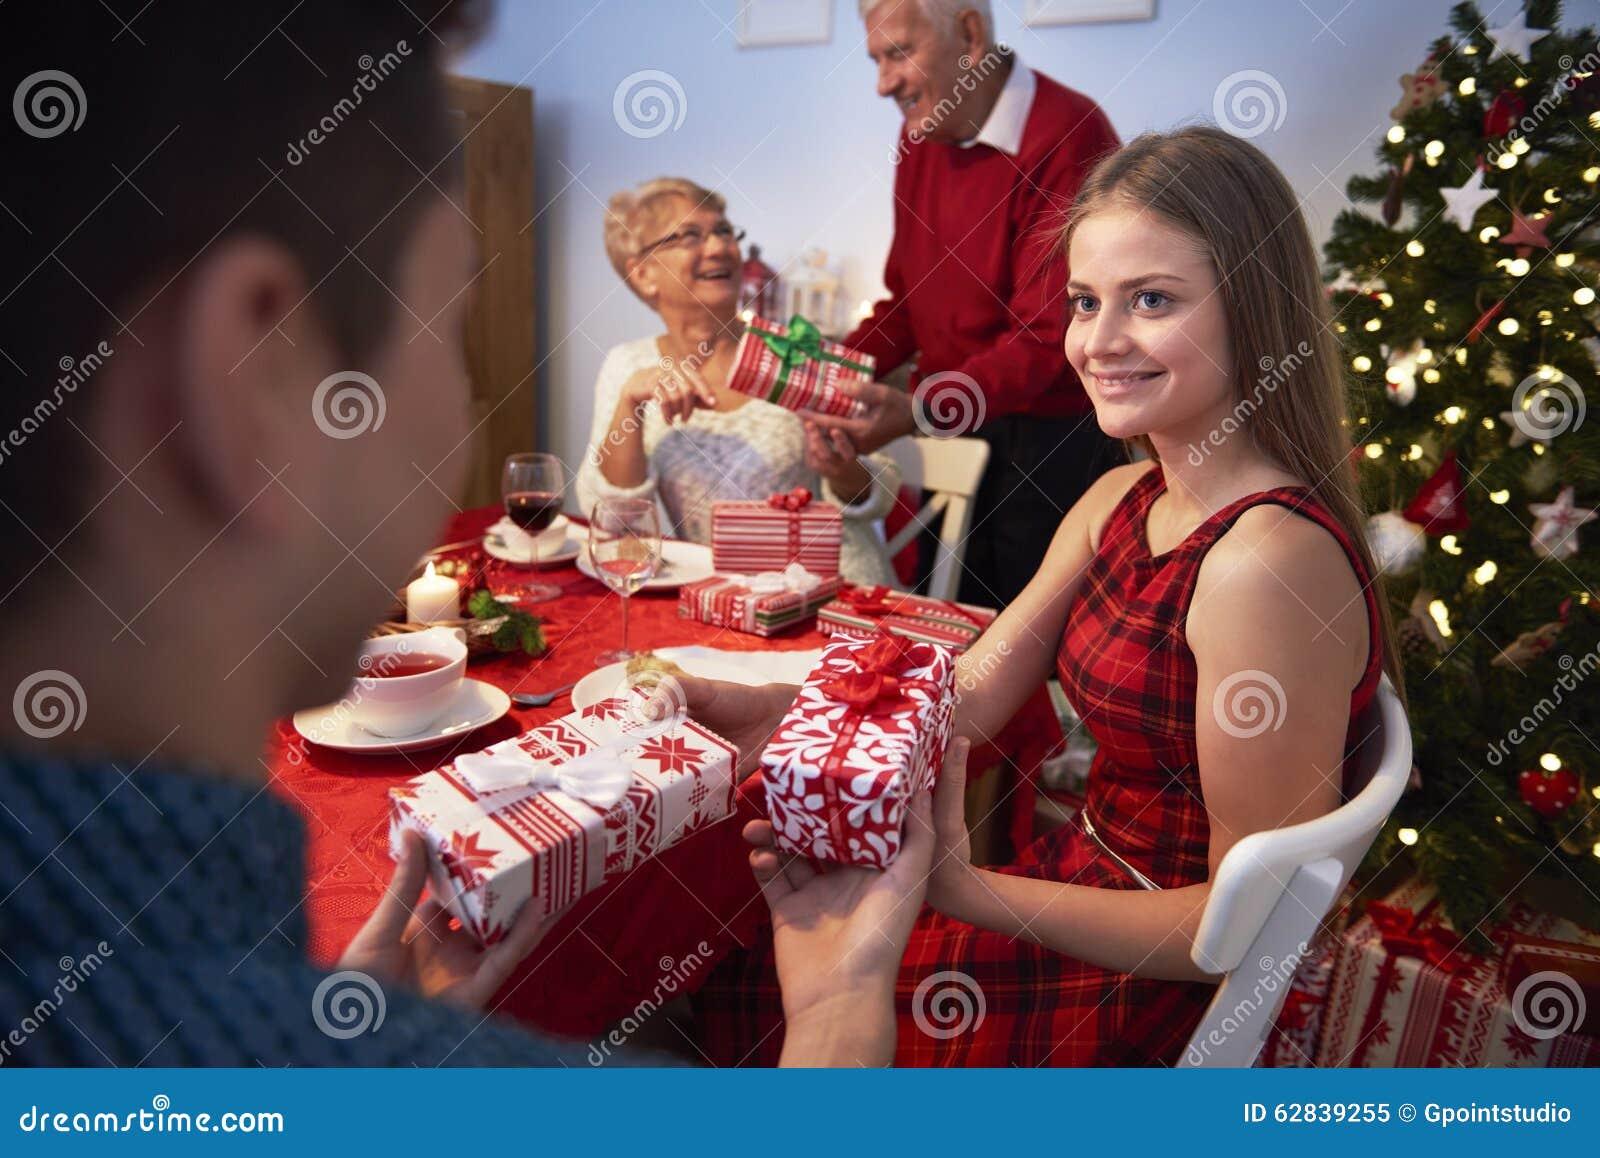 Regali Di Natale Fratello.Scambio Dei Regali Di Natale Immagine Stock Immagine Di Cheerful